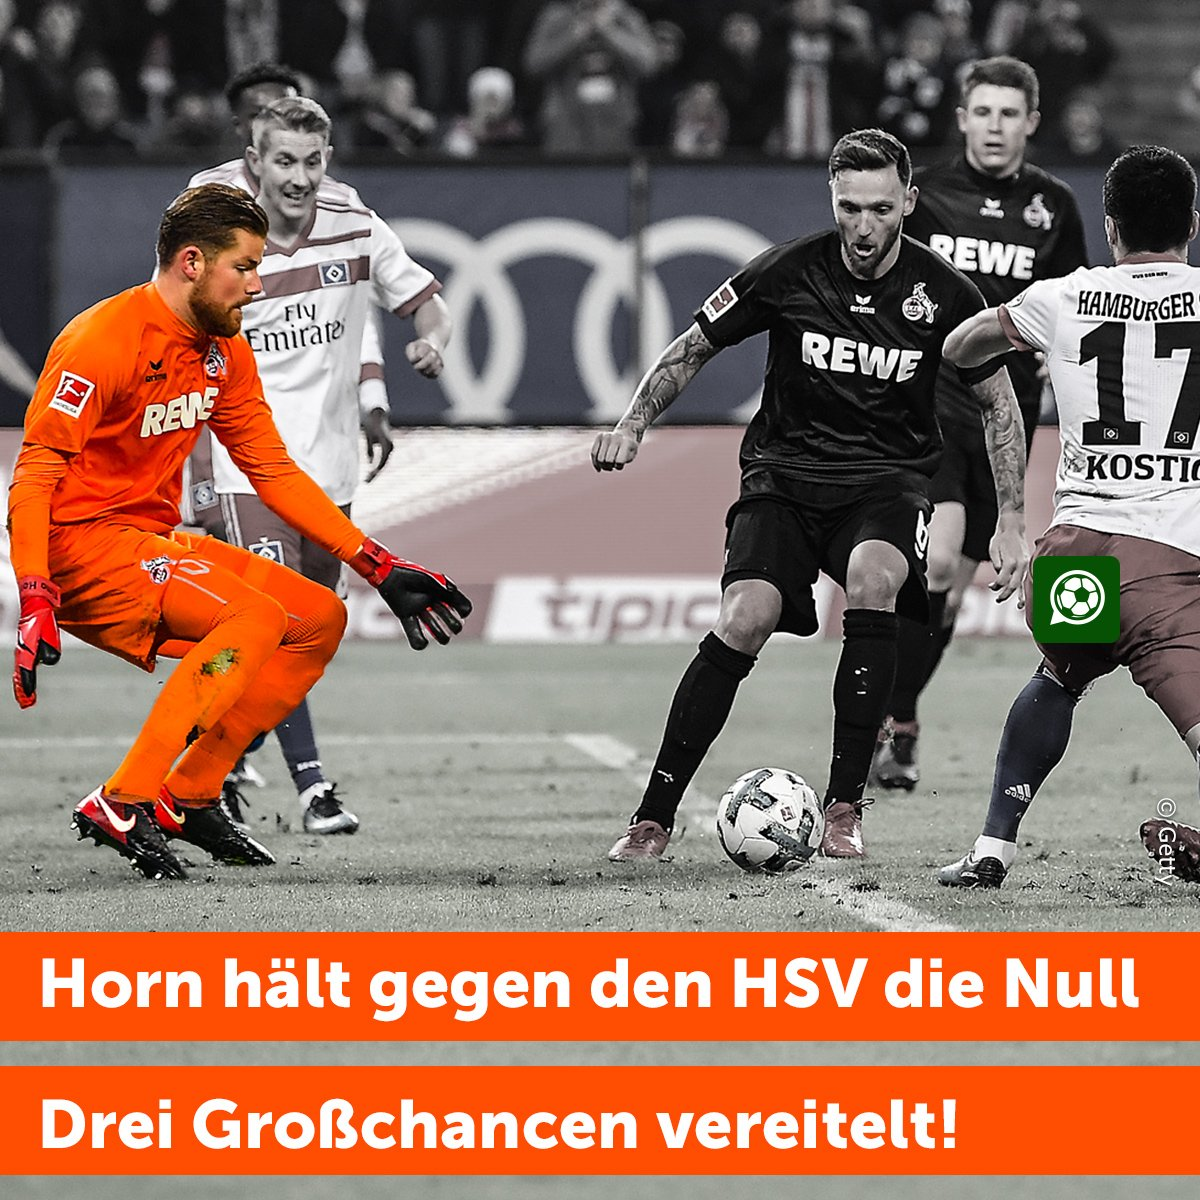 Überragendes Spiel gestern von #Horn! Jogi?!?  #HSVKOE #effzeh https://t.co/qjIKmazHk3